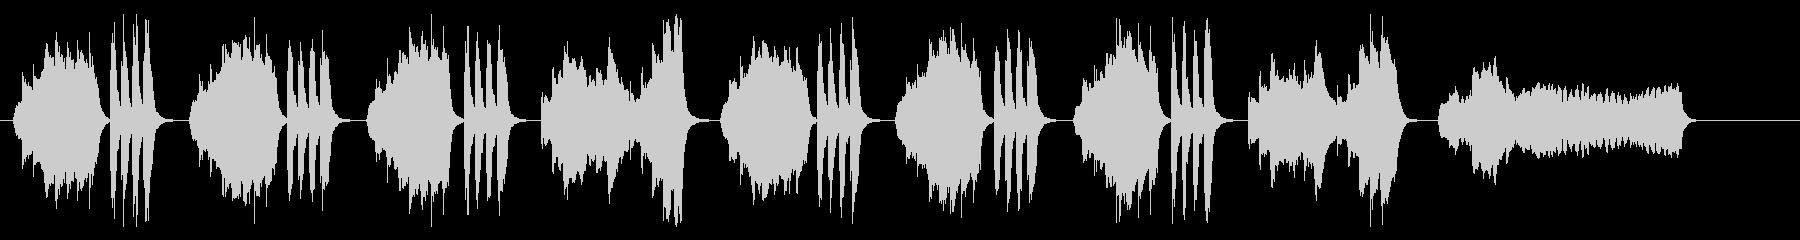 バイオリンの気だるげで退屈感のあるBGMの未再生の波形